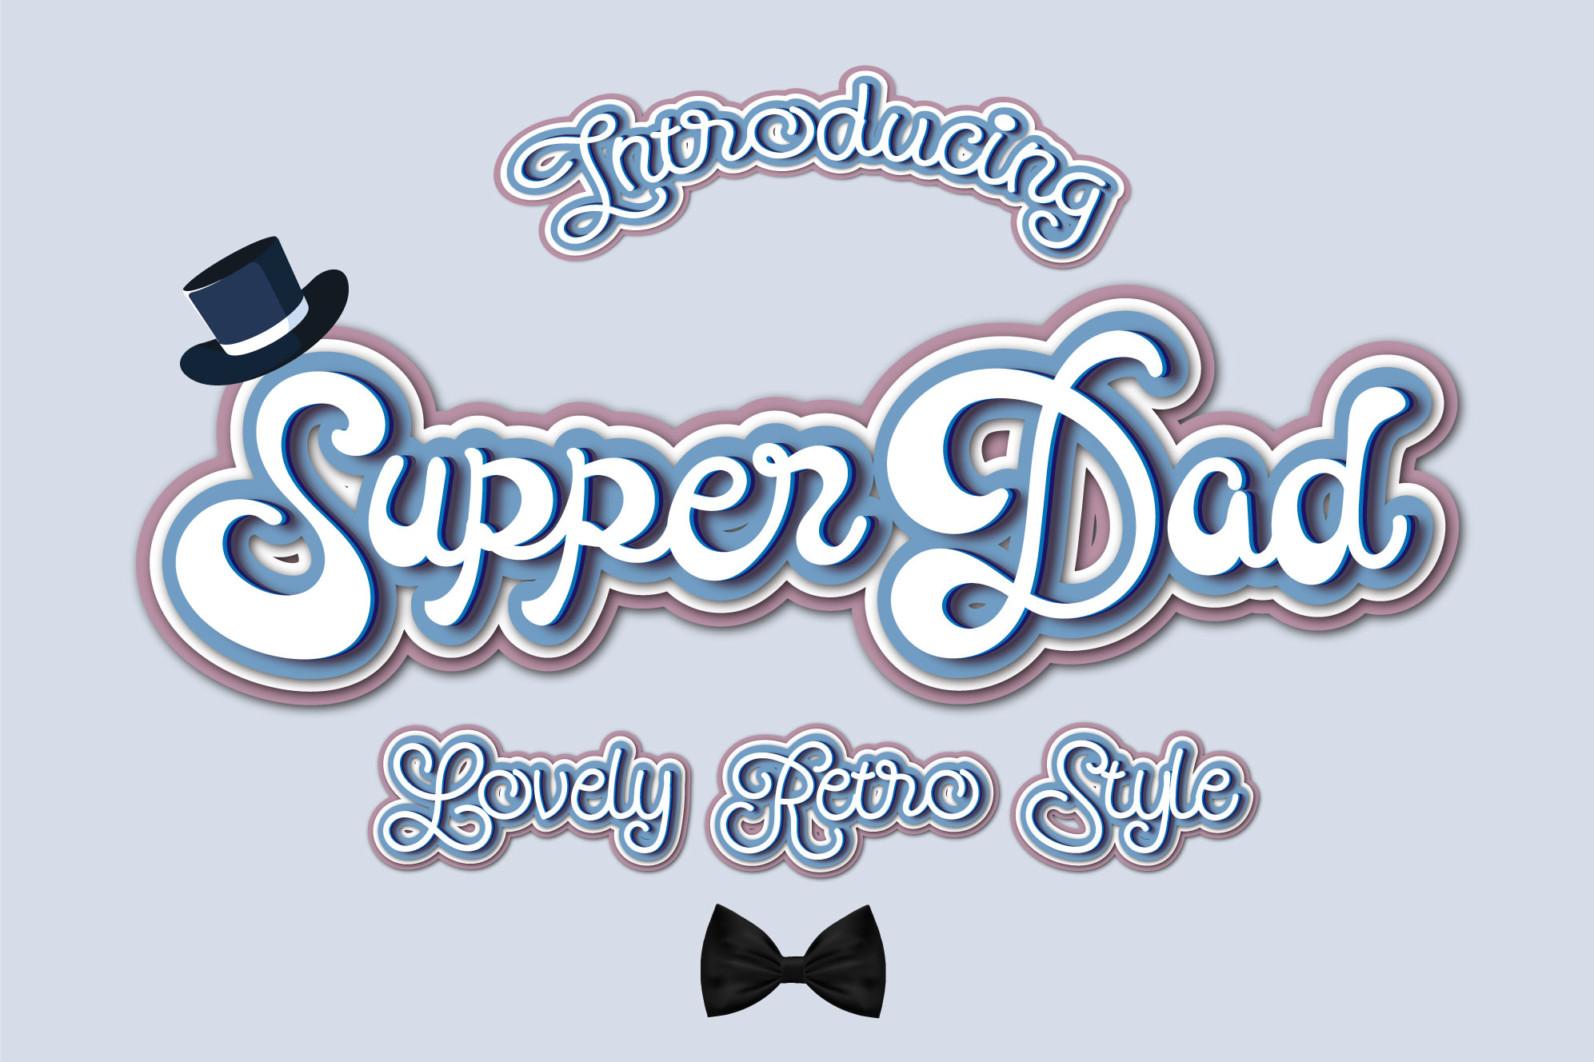 Supper Dad - Supper Dad 1 -